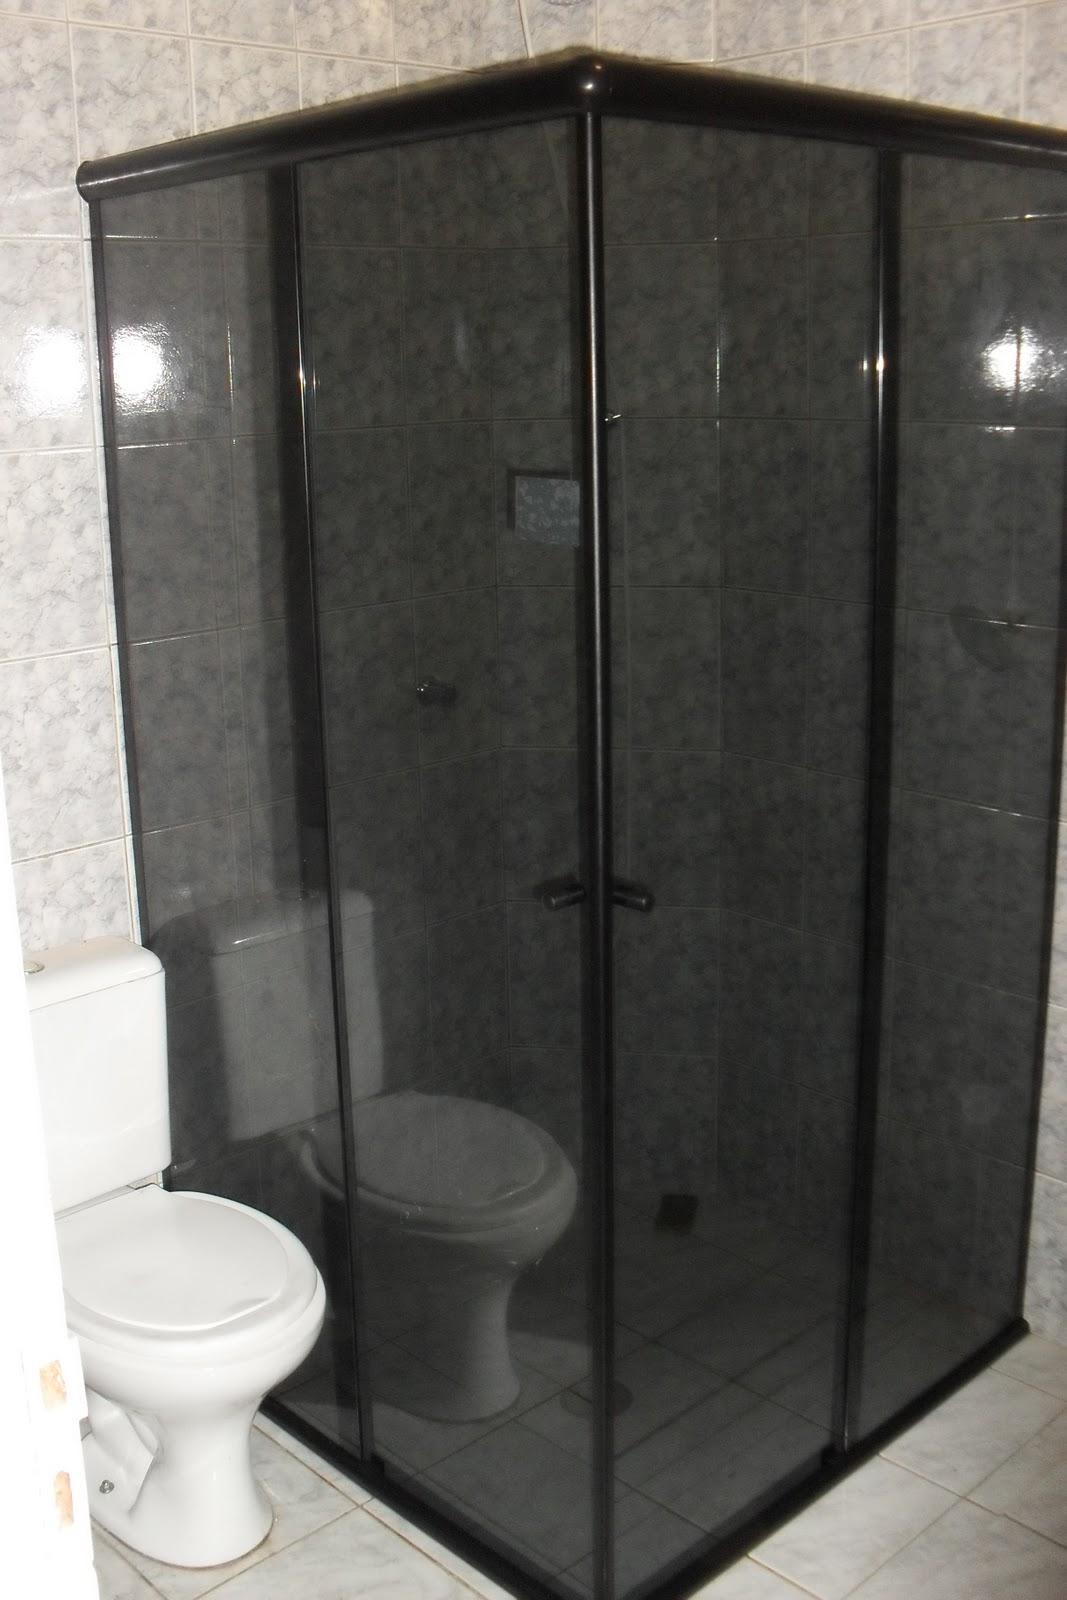 Imagens de #756756 Vidro Pronto: TIPOS DE BOX EM VIDRO TEMPERADO 8MM 1067x1600 px 2214 Box De Vidro Para Banheiro Em Ubatuba